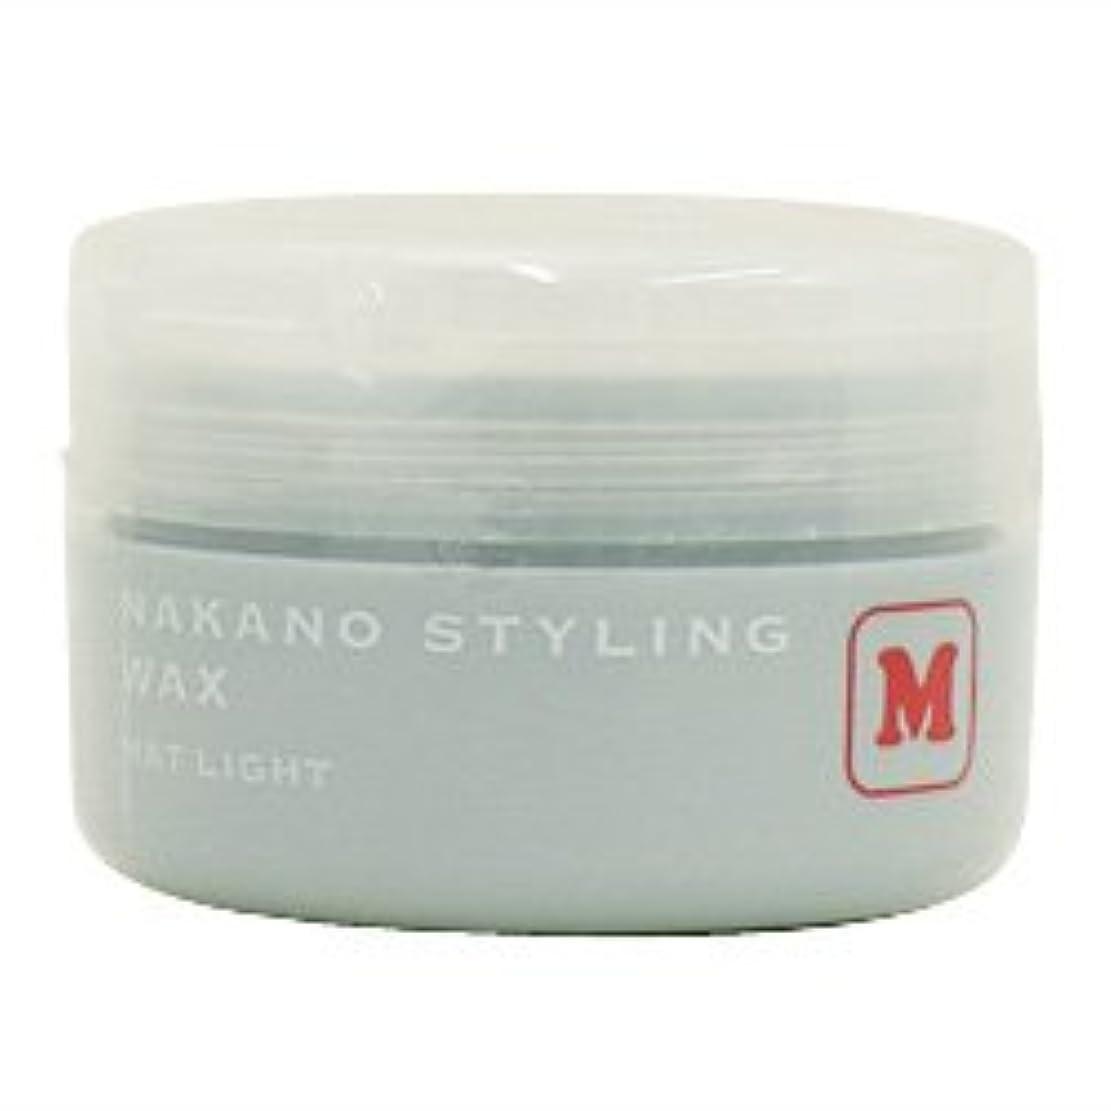 一般的に苦しめる科学的ナカノ スタイリング ワックス M マットライト 90g 中野製薬 NAKANO